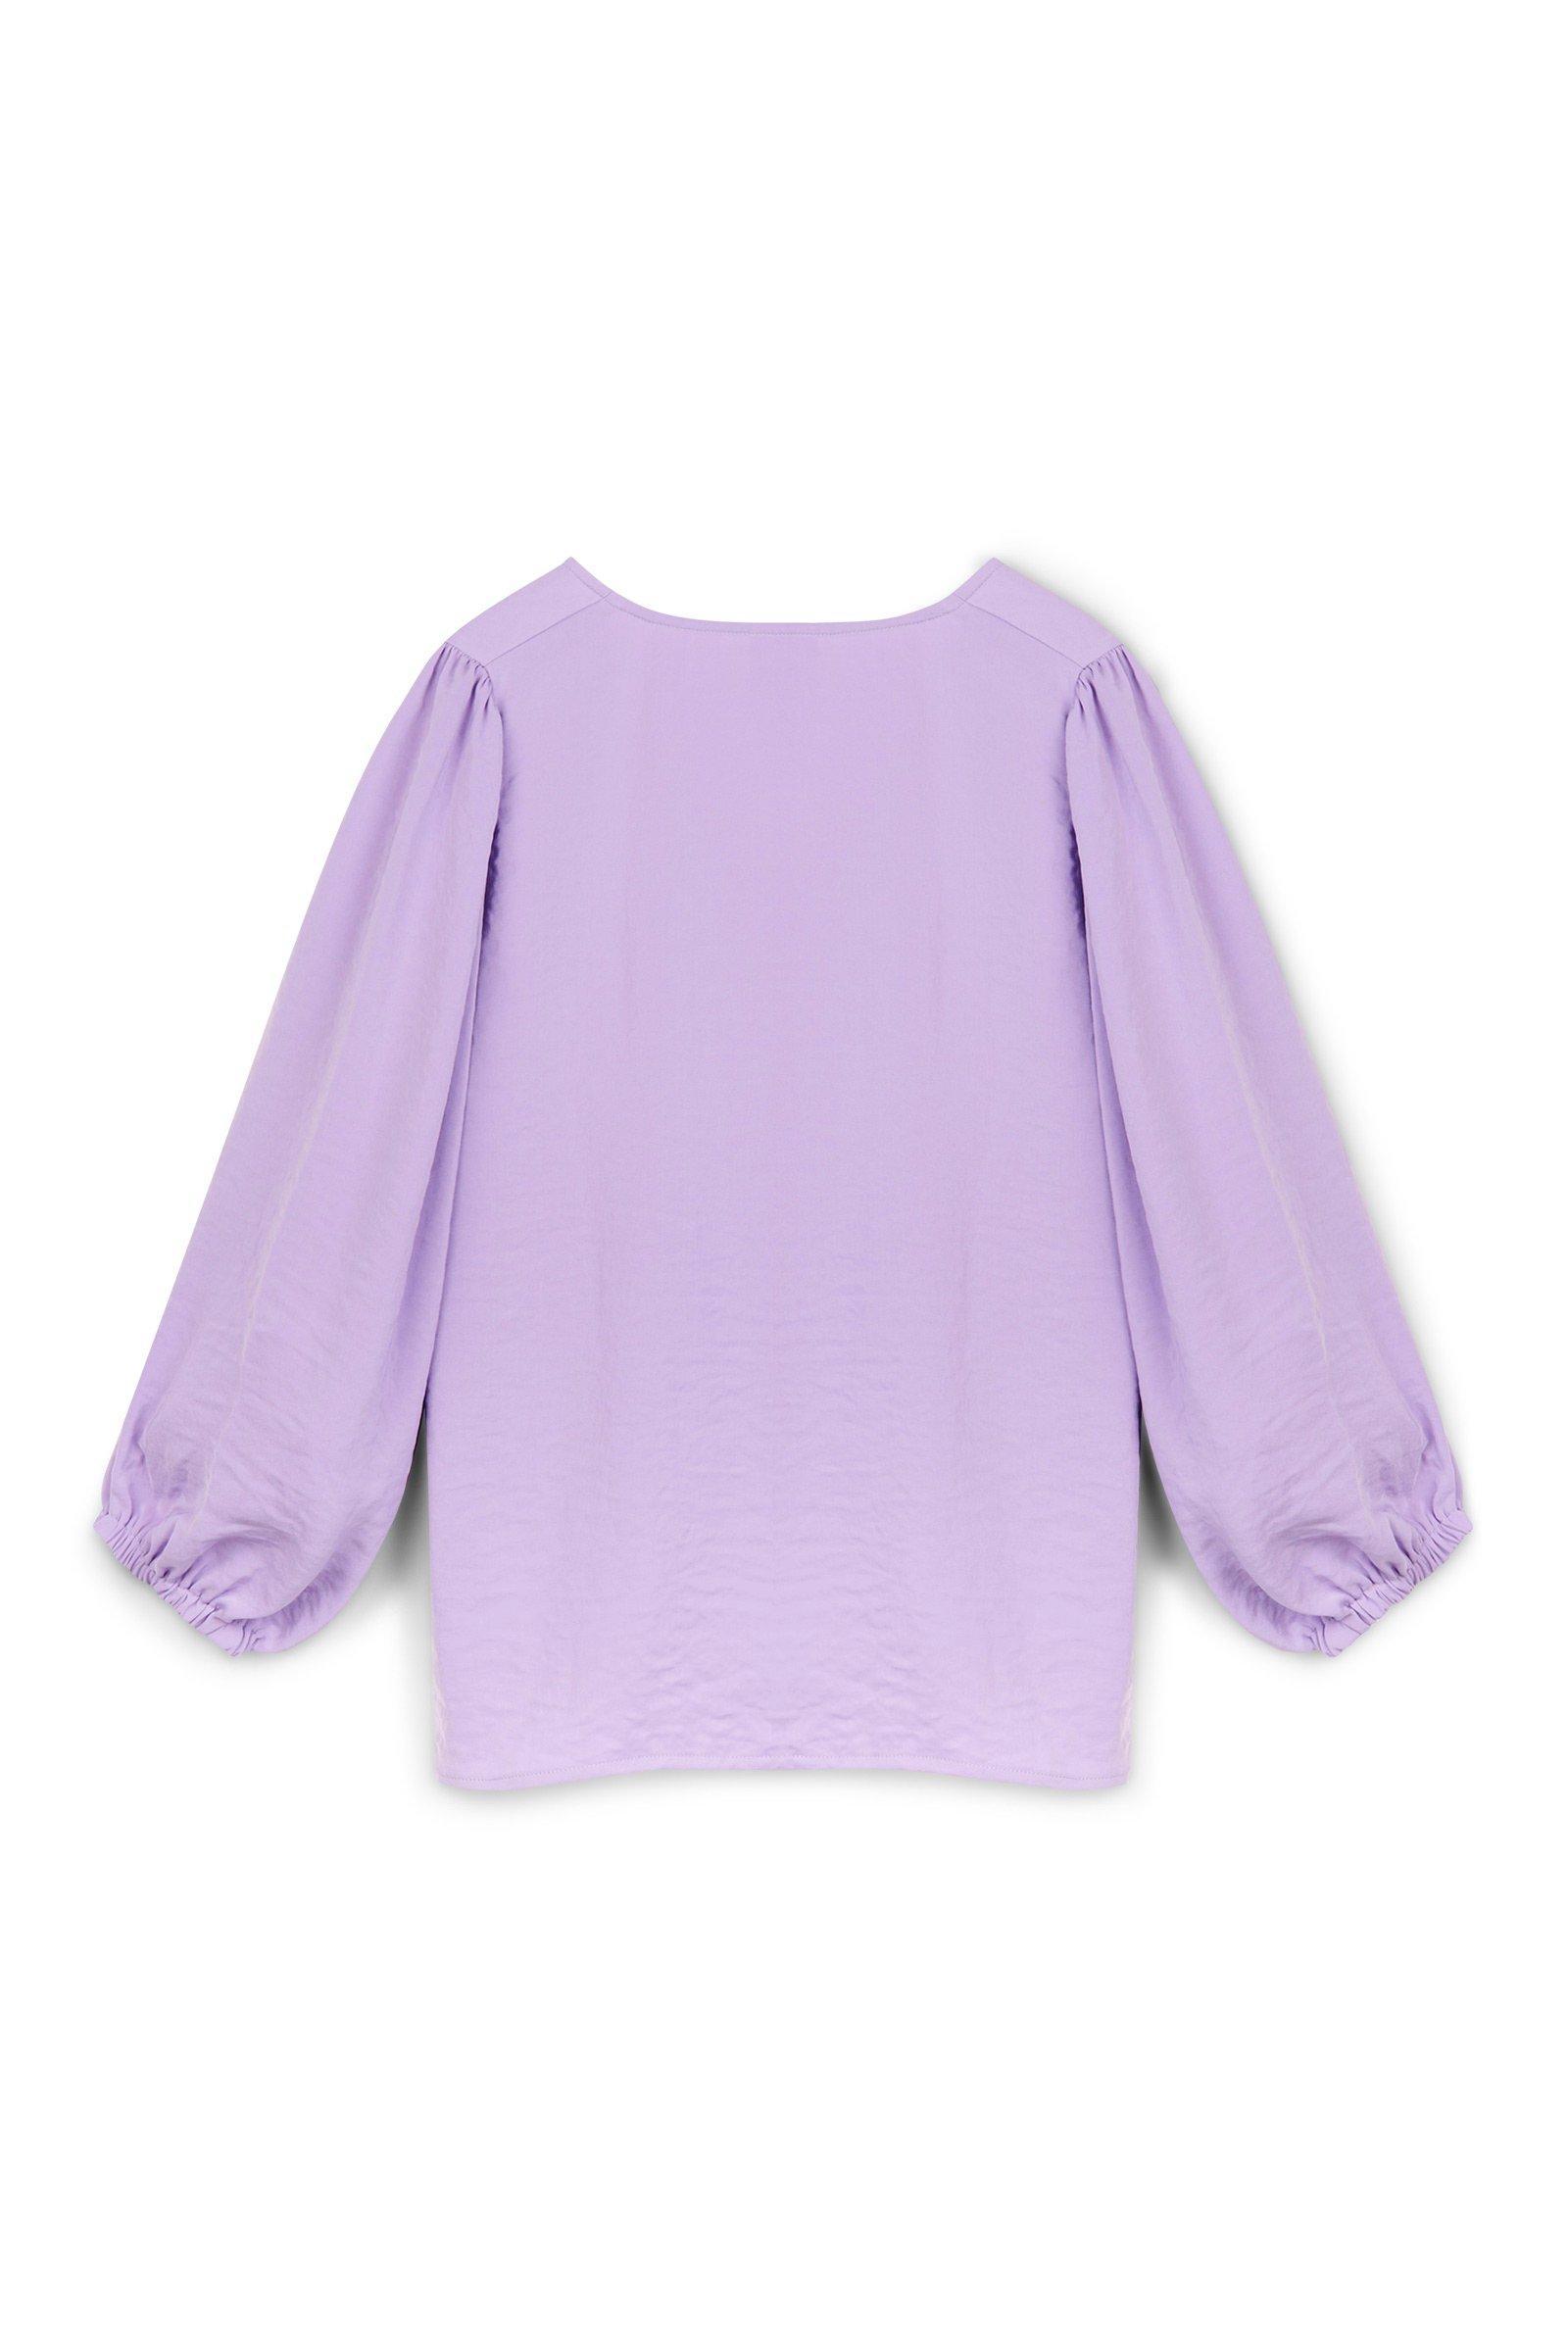 https://webmedia.cks-fashion.com/i/cks/123335ASM_100_h